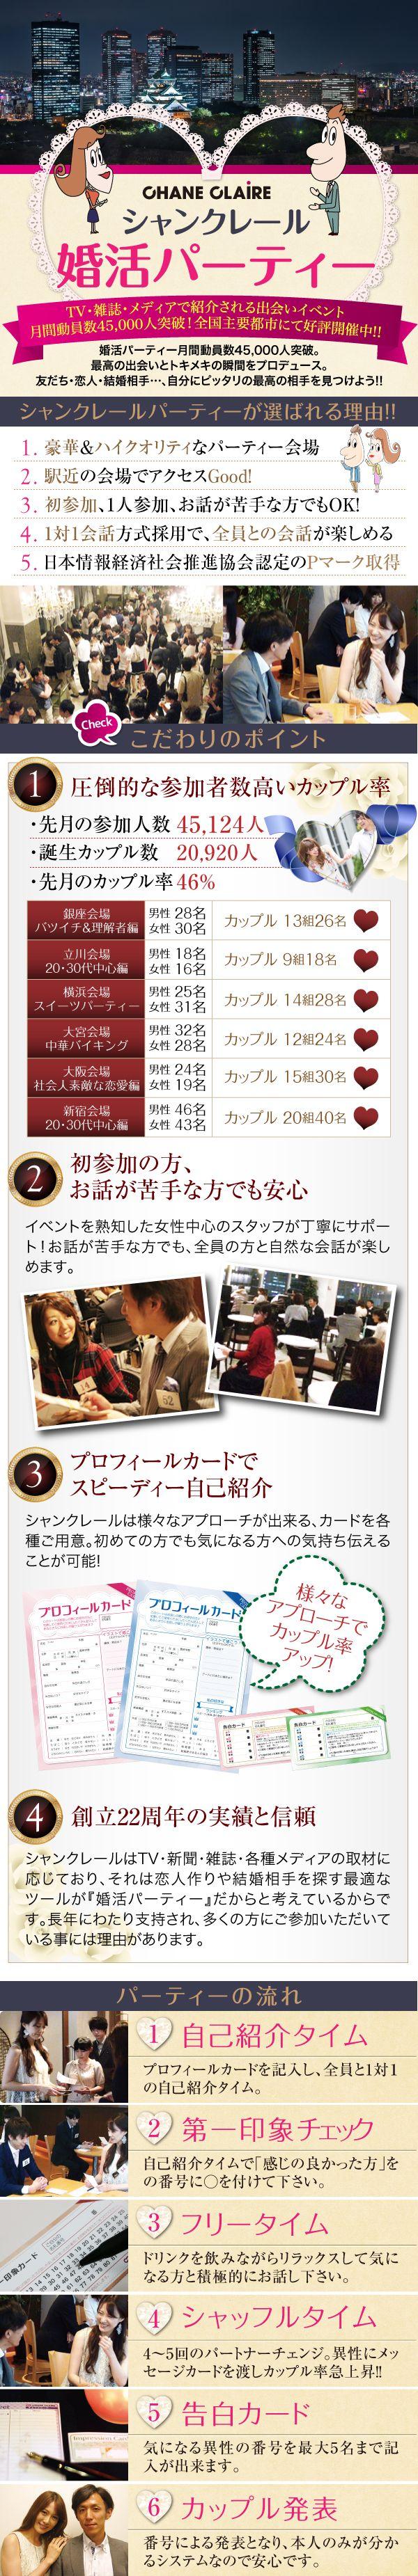 2016婚活ベース_関西